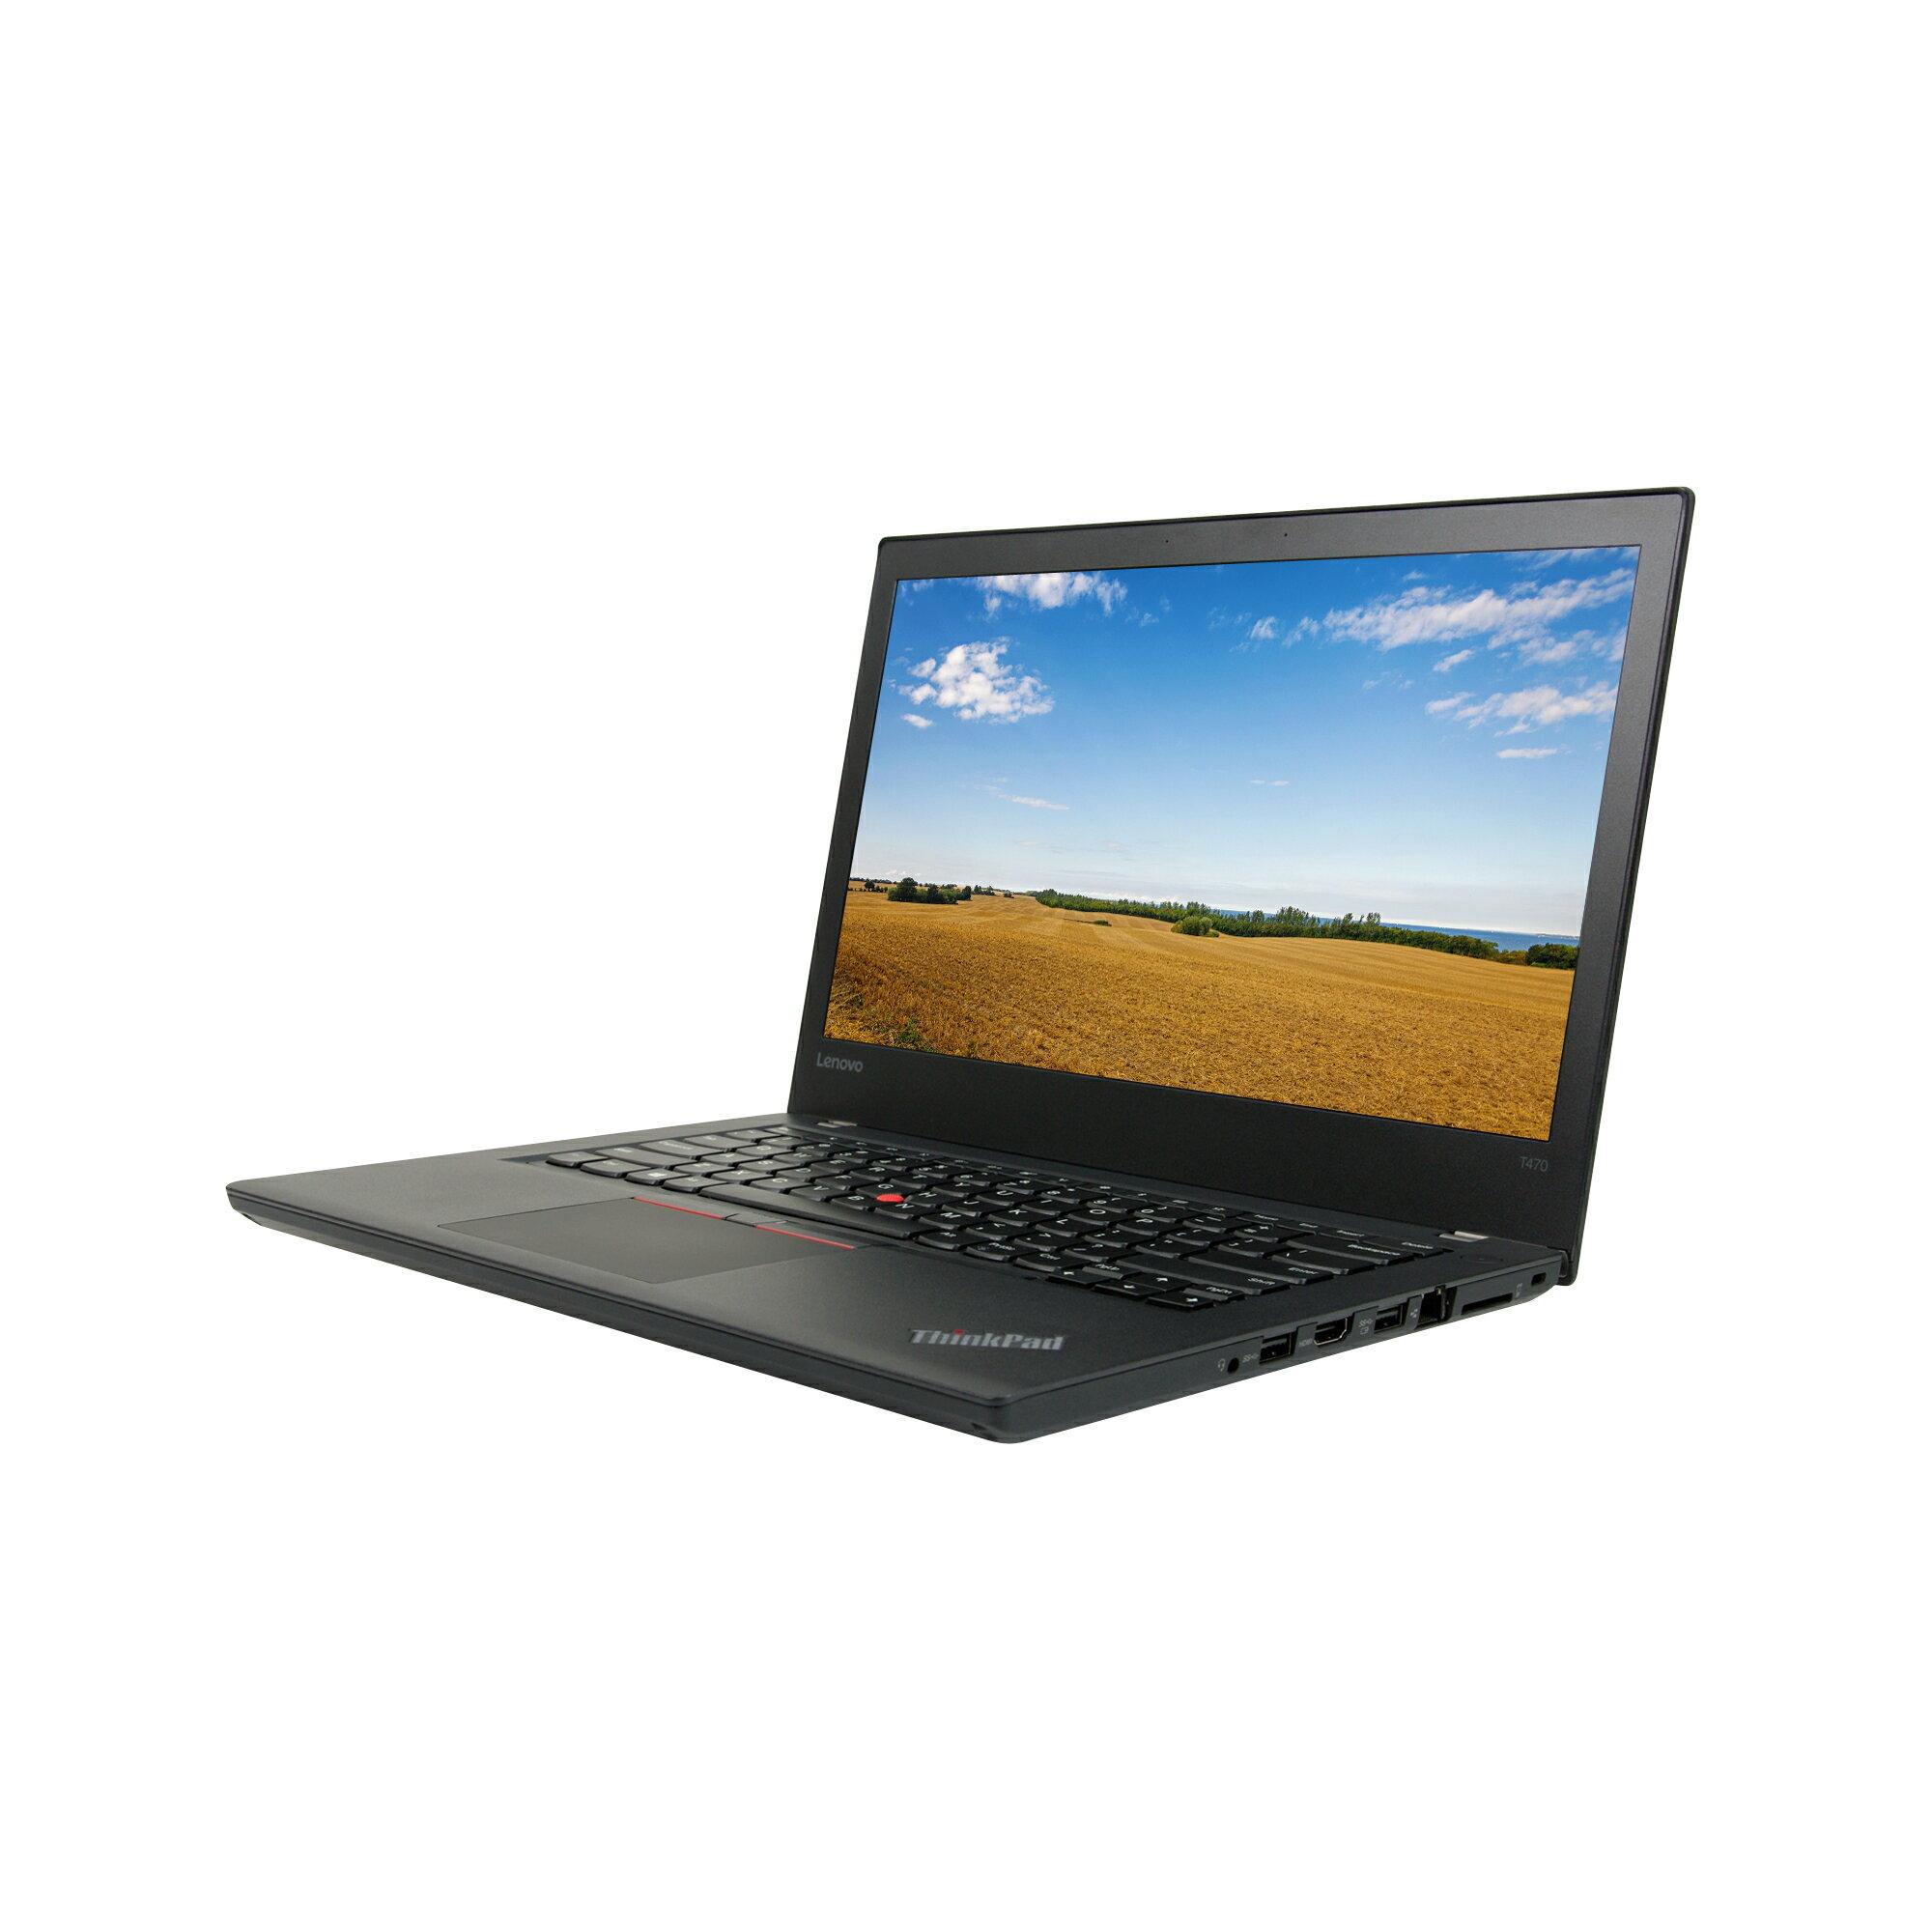 (B GRADE) Lenovo ThinkPad T470 Intel Core i5-6300U 2 4GHz, 16GB RAM, 480GB  SSD, 14 in, Win 10 Pro (64-bit)